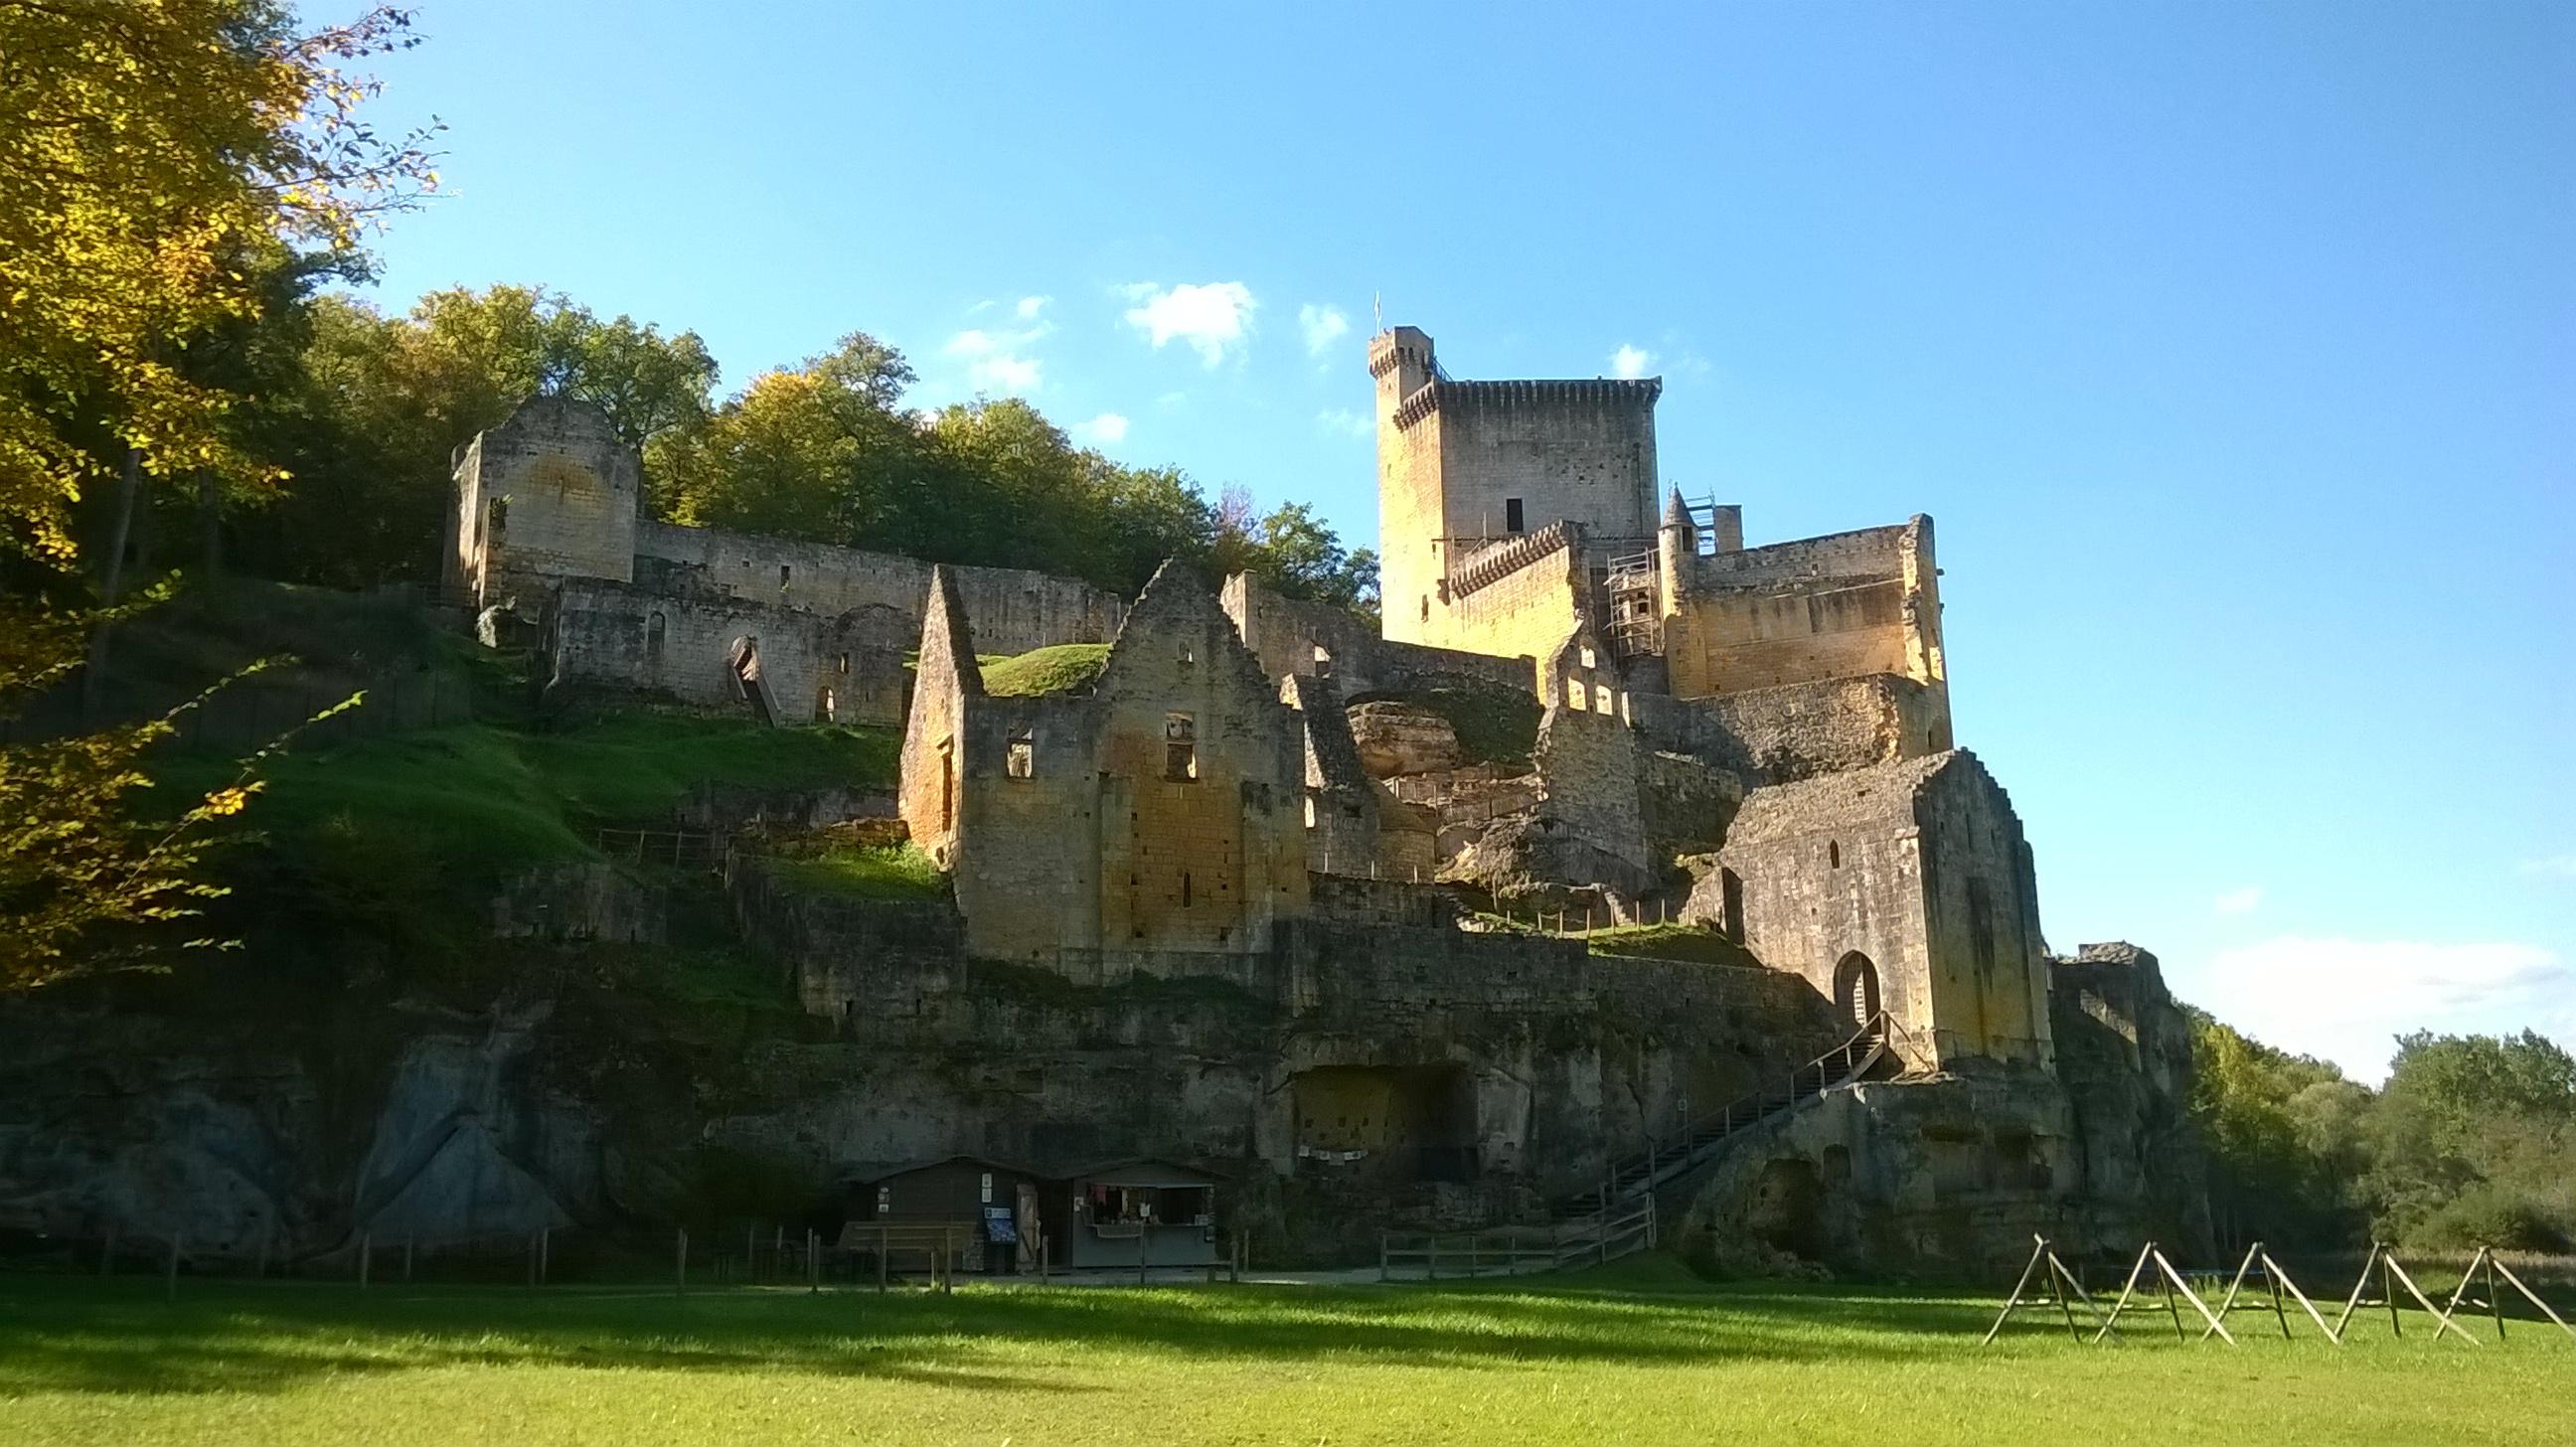 Chateau de Commarque, near Les Eyzies